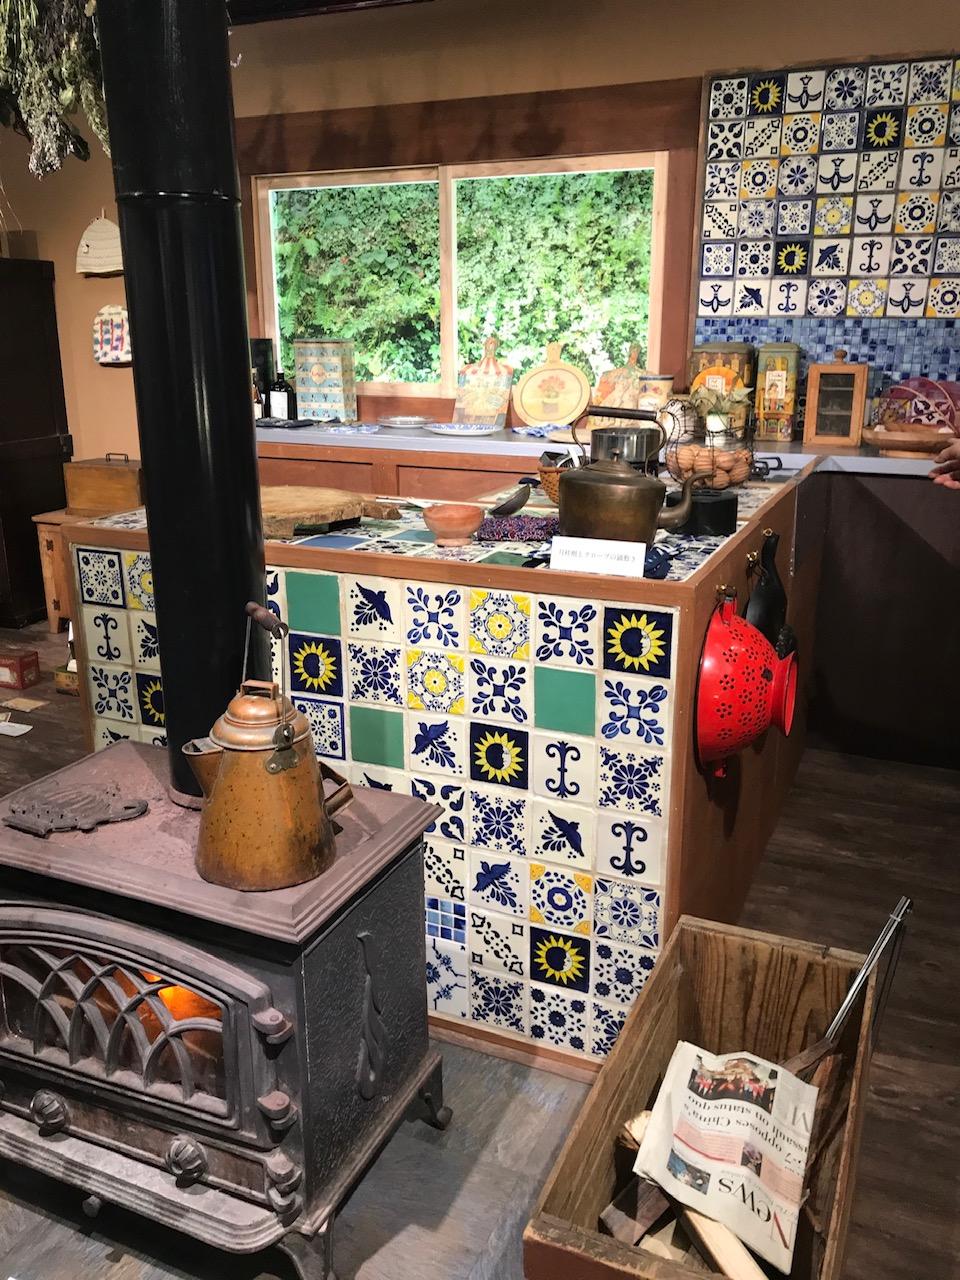 写真 キッチンと暖炉のある風景 - コピー